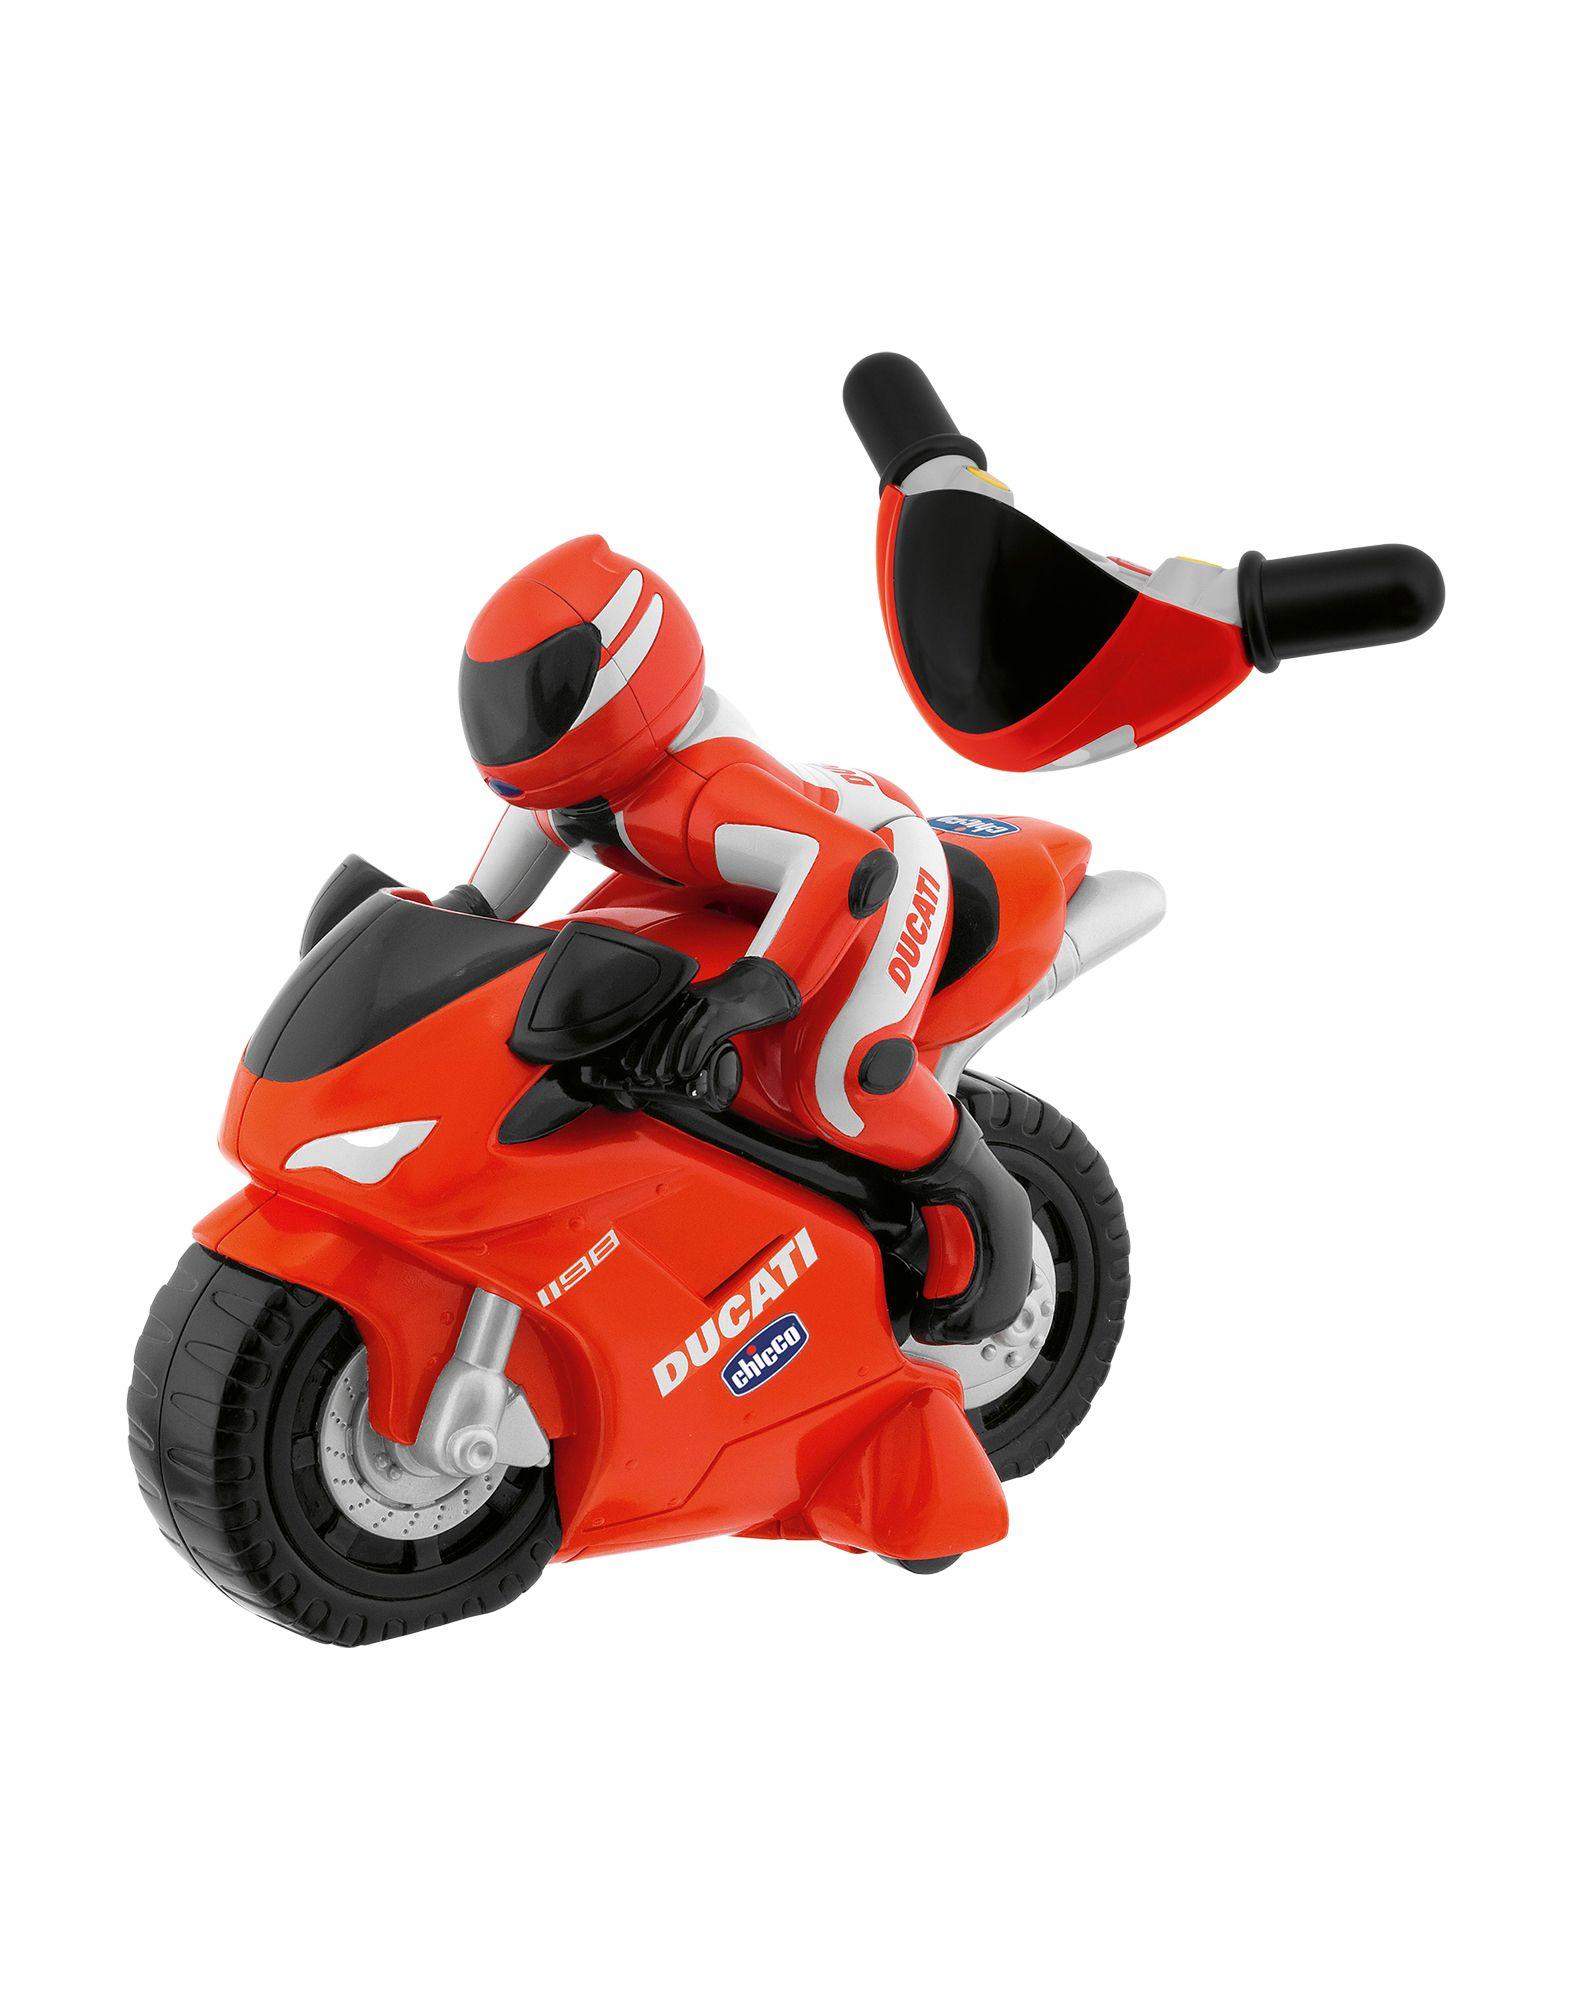 CHICCO Машинки, самолёты и др. радиоуправляемый мотоцикл full funk с гонщиком аккум адапт муз свет 2 цв sy380 м31642